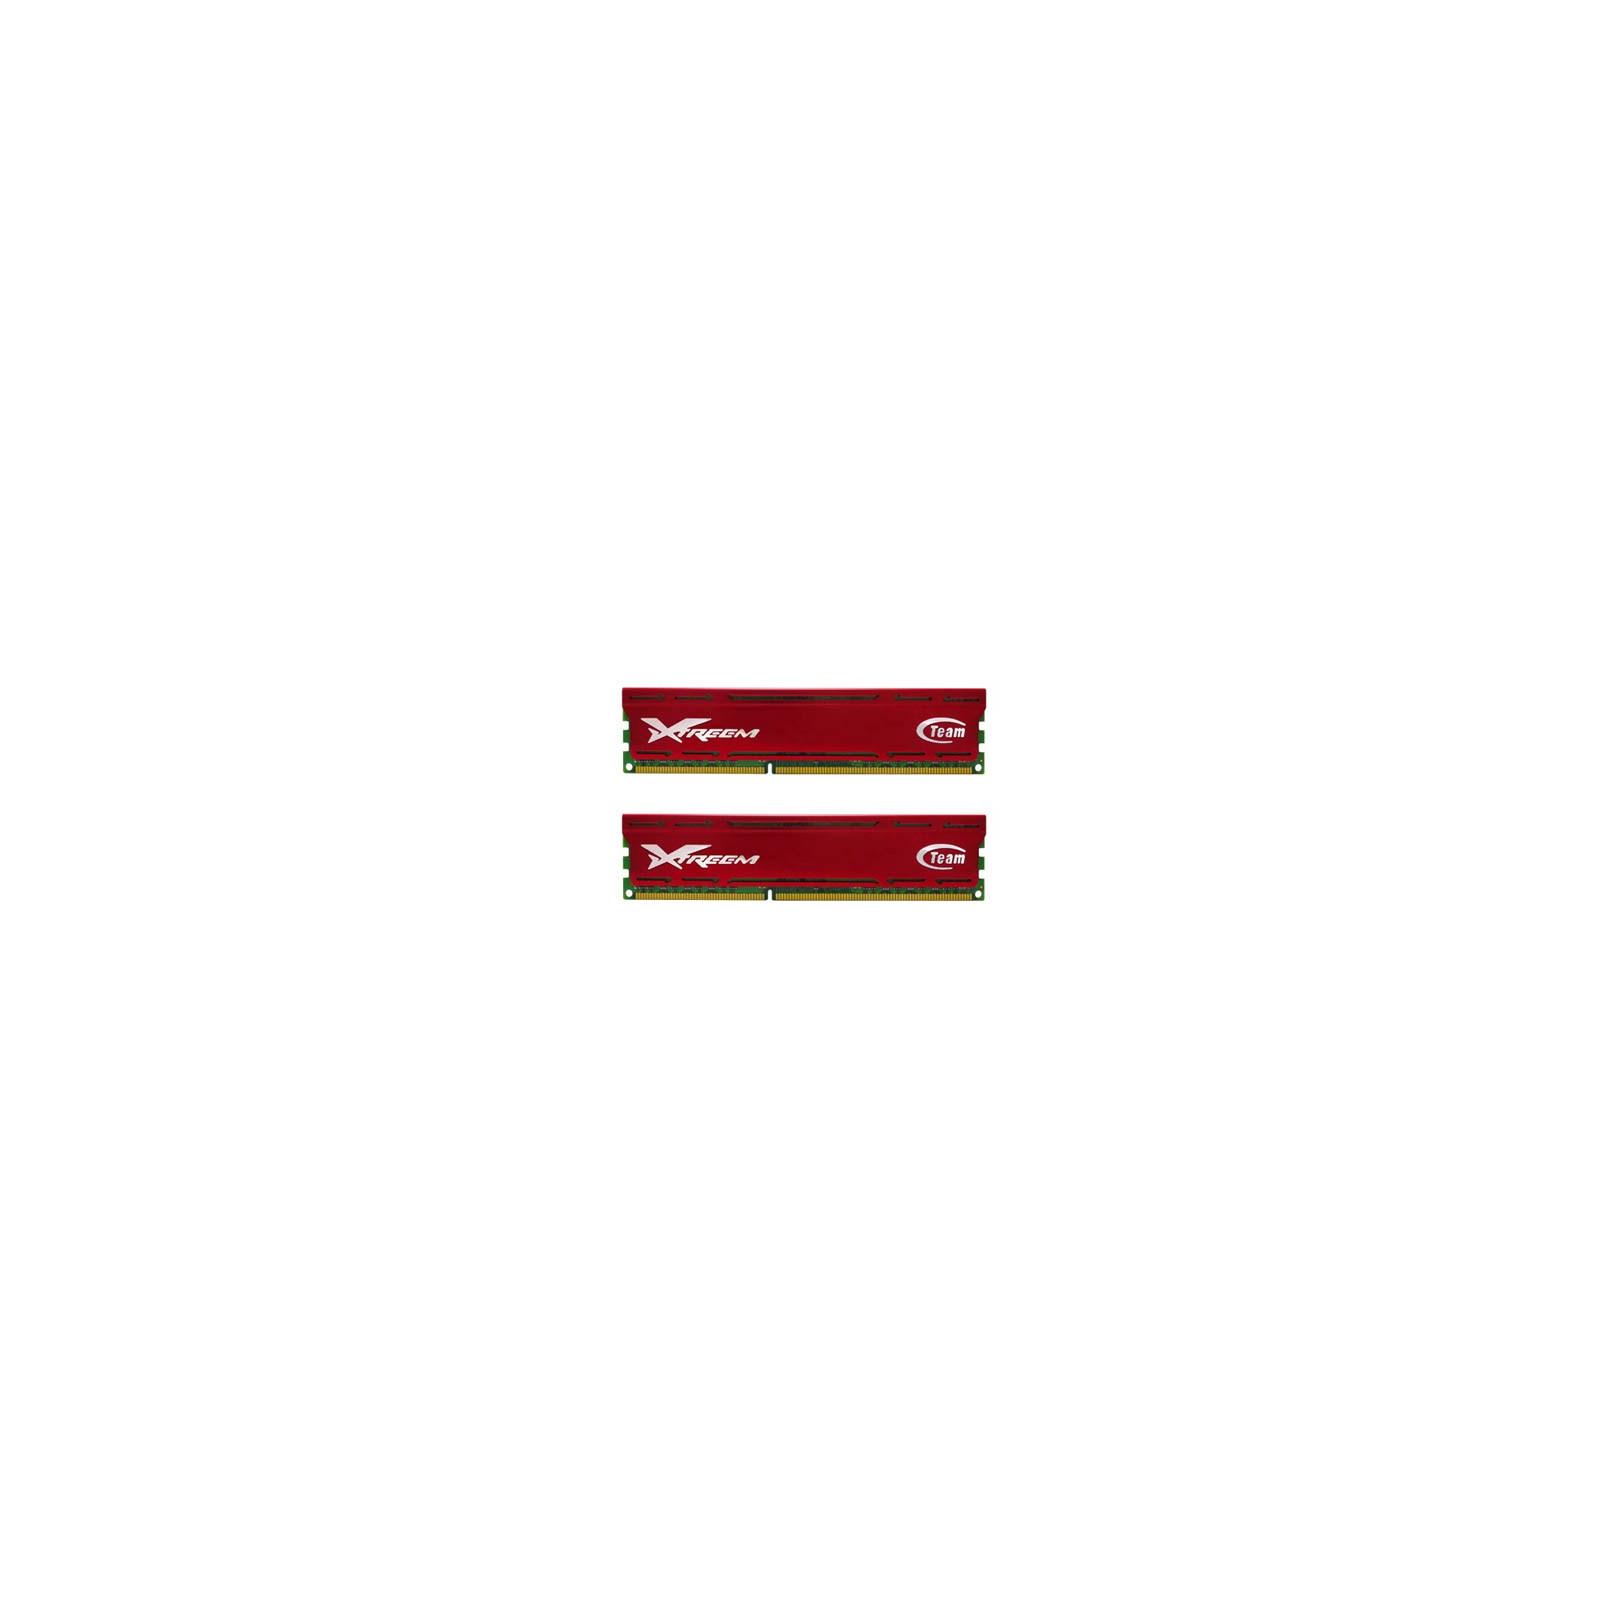 Модуль памяти для компьютера DDR3 8GB (2x4GB) 2133 MHz Team (TLD38G2133HC11ADC01)